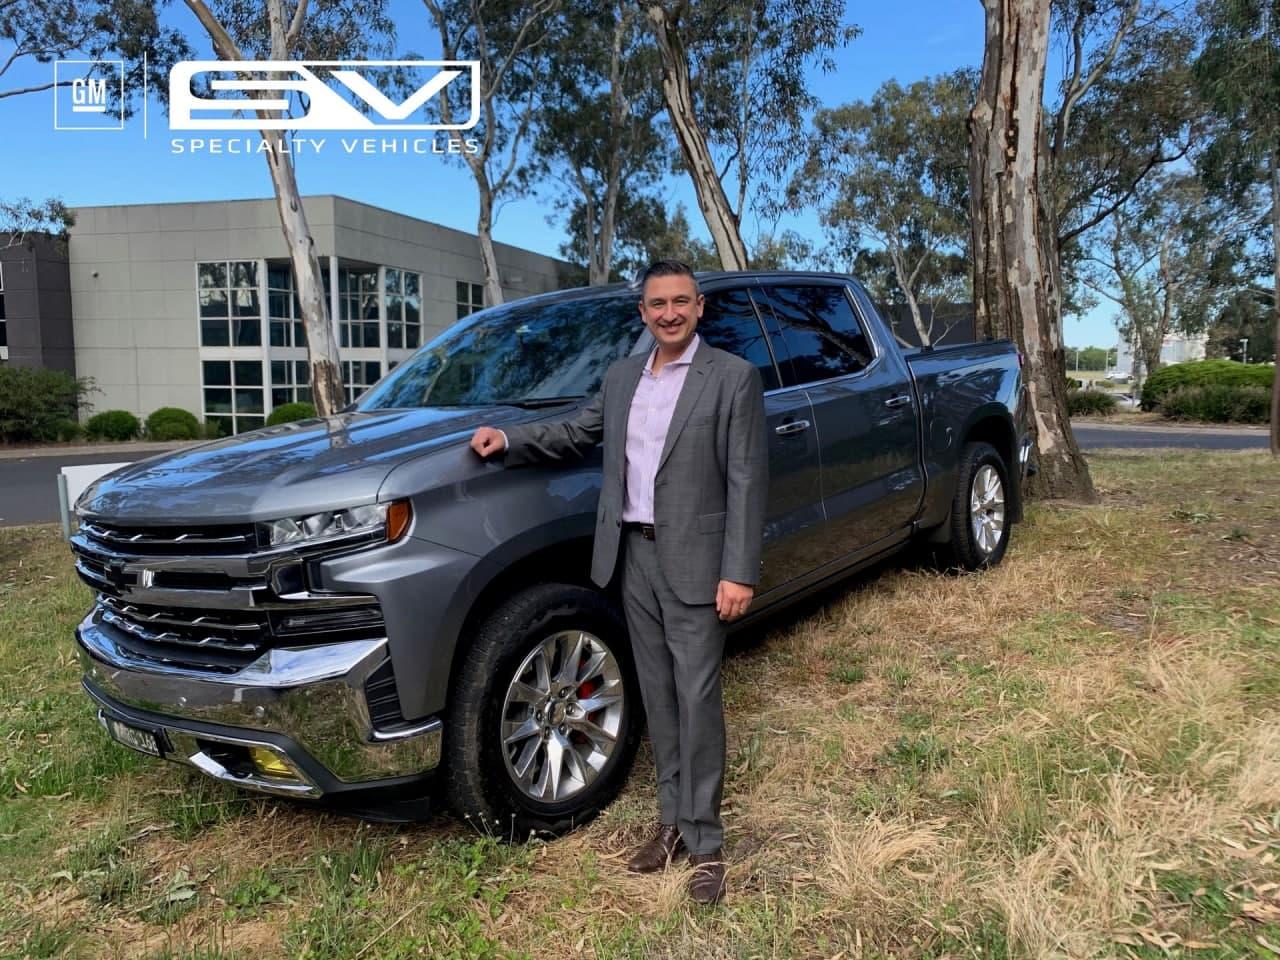 雪佛兰西尔维拉多通过通用汽车的特殊车辆部门登陆澳大利亚